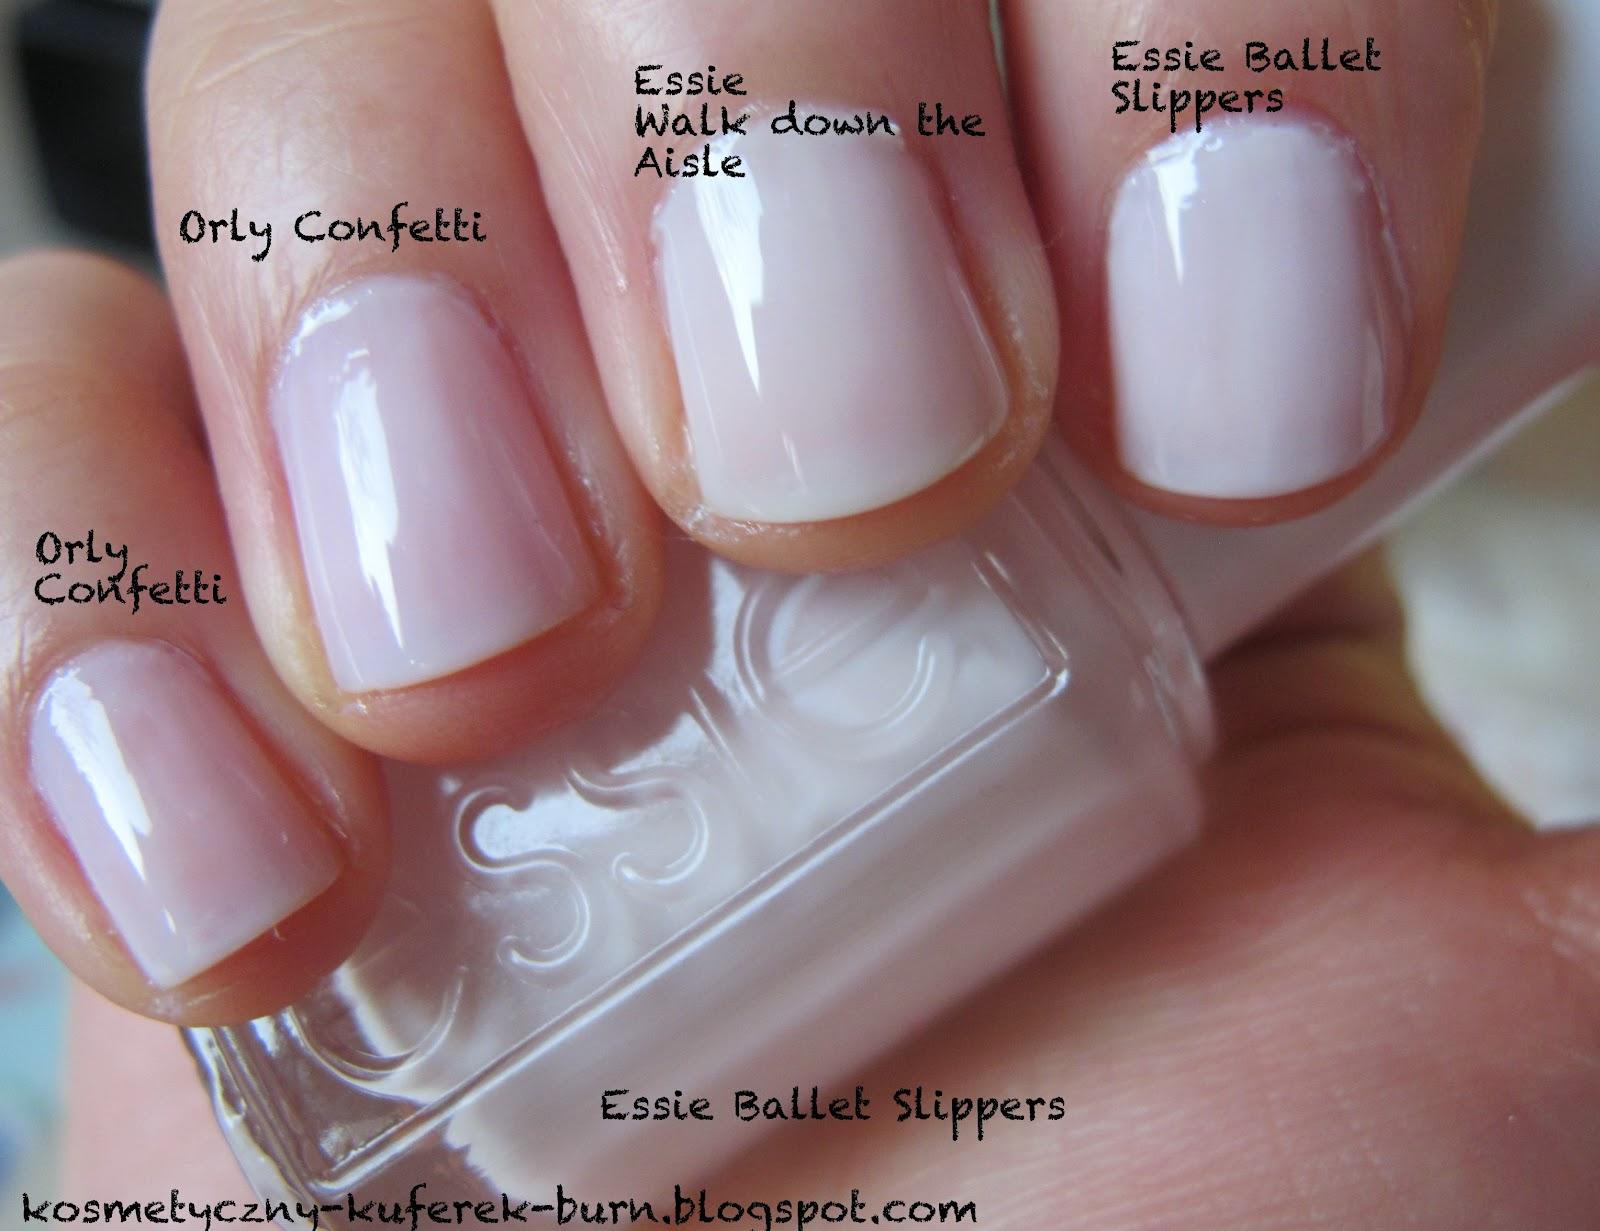 Kosmetyczny Kuferek Burn Mleczne Frenczaki Orly Confetti Essie Ballet Slippers Essie Walk Down The Aisle